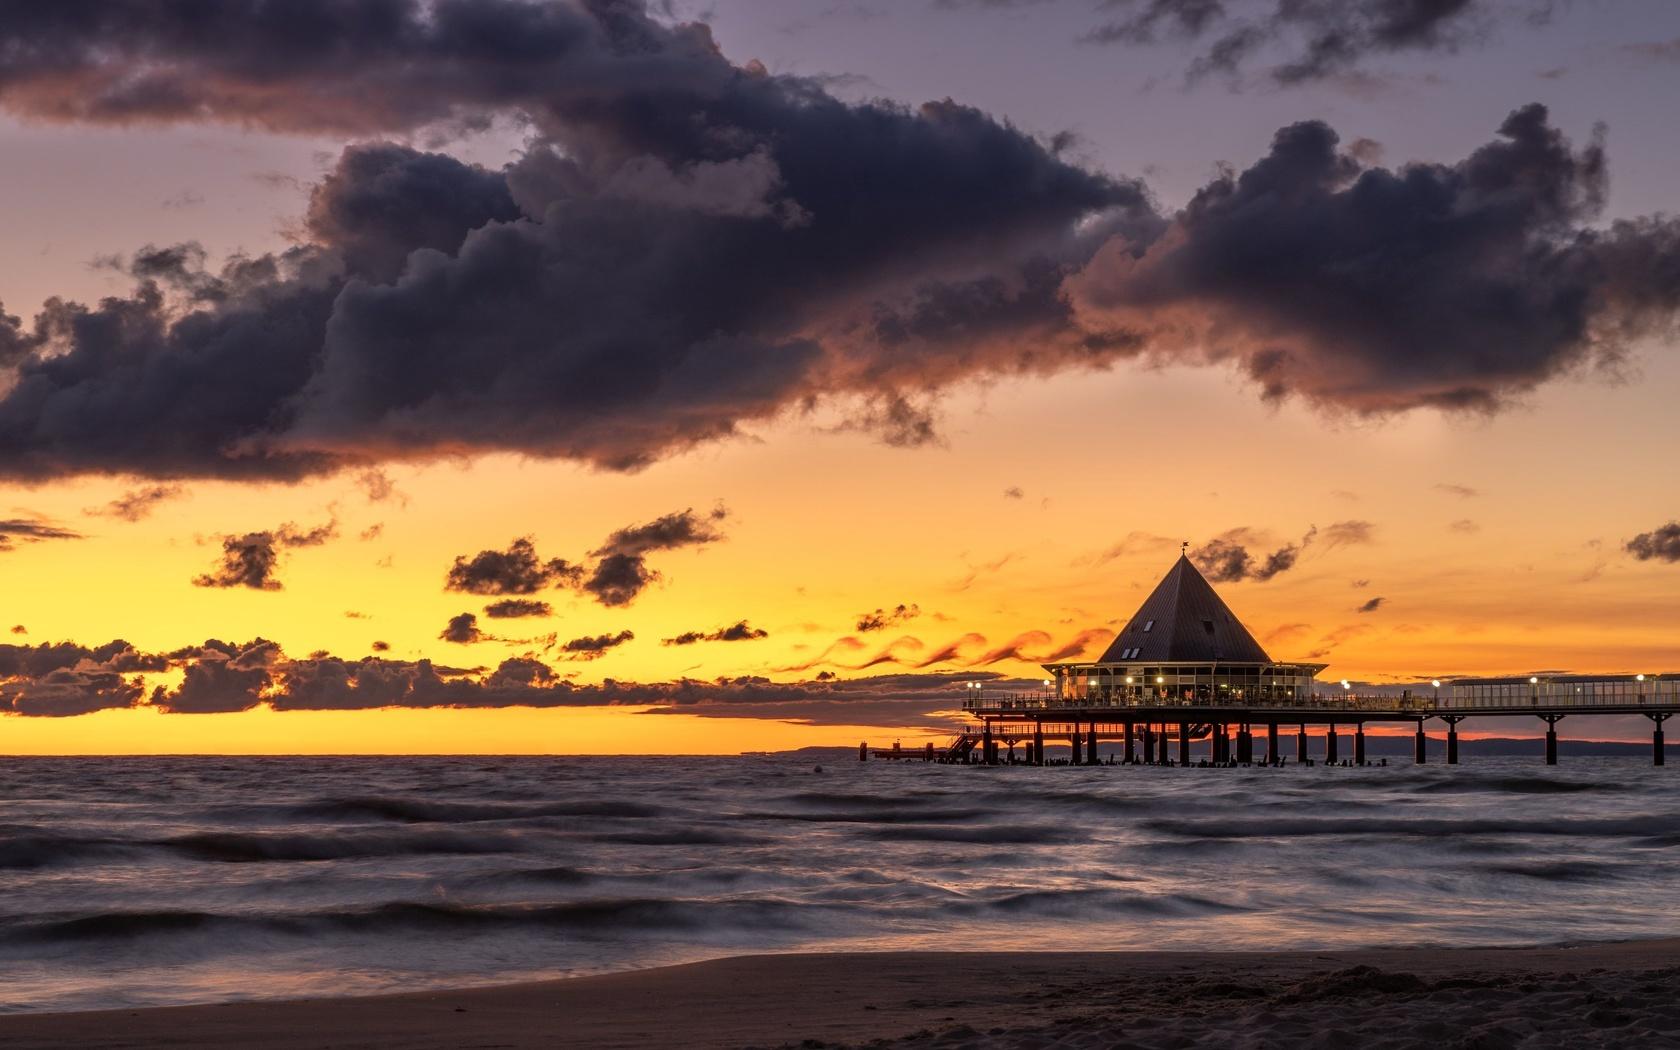 бунгало, пирс, закат, море, небо